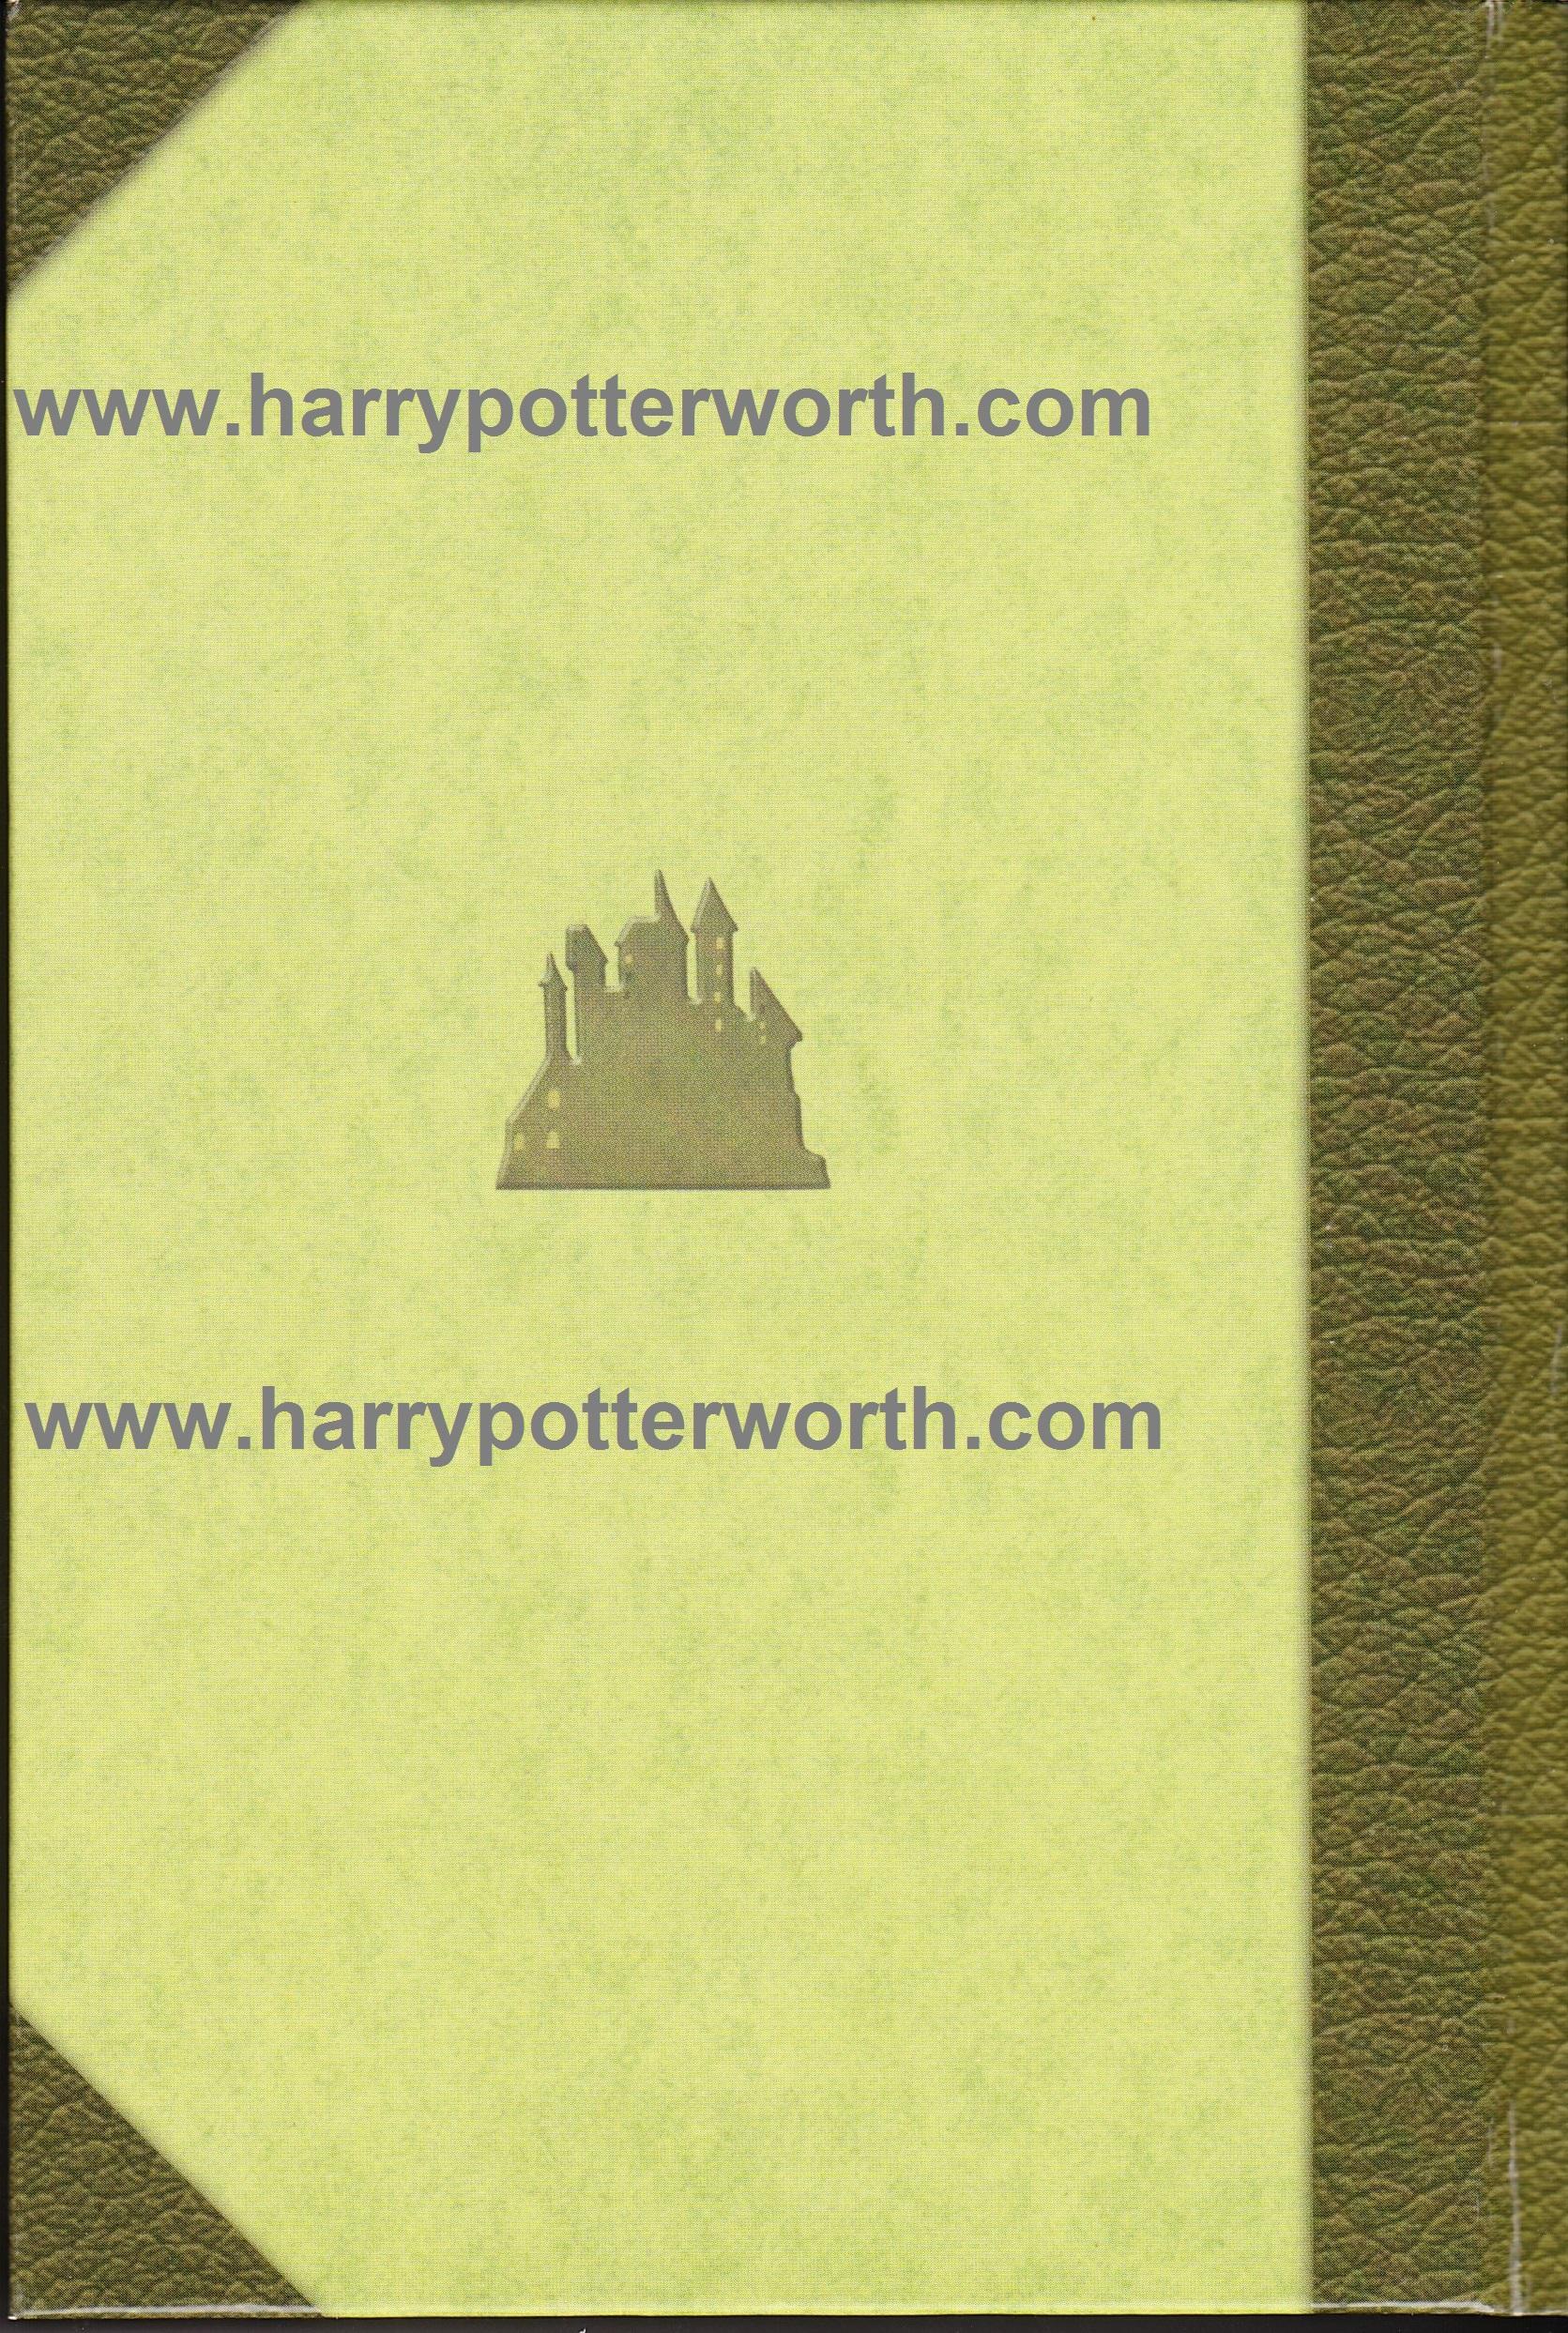 Harry Potter e la Pietra Filosofale Edizione Motto Hogwarts 2007 - Retro